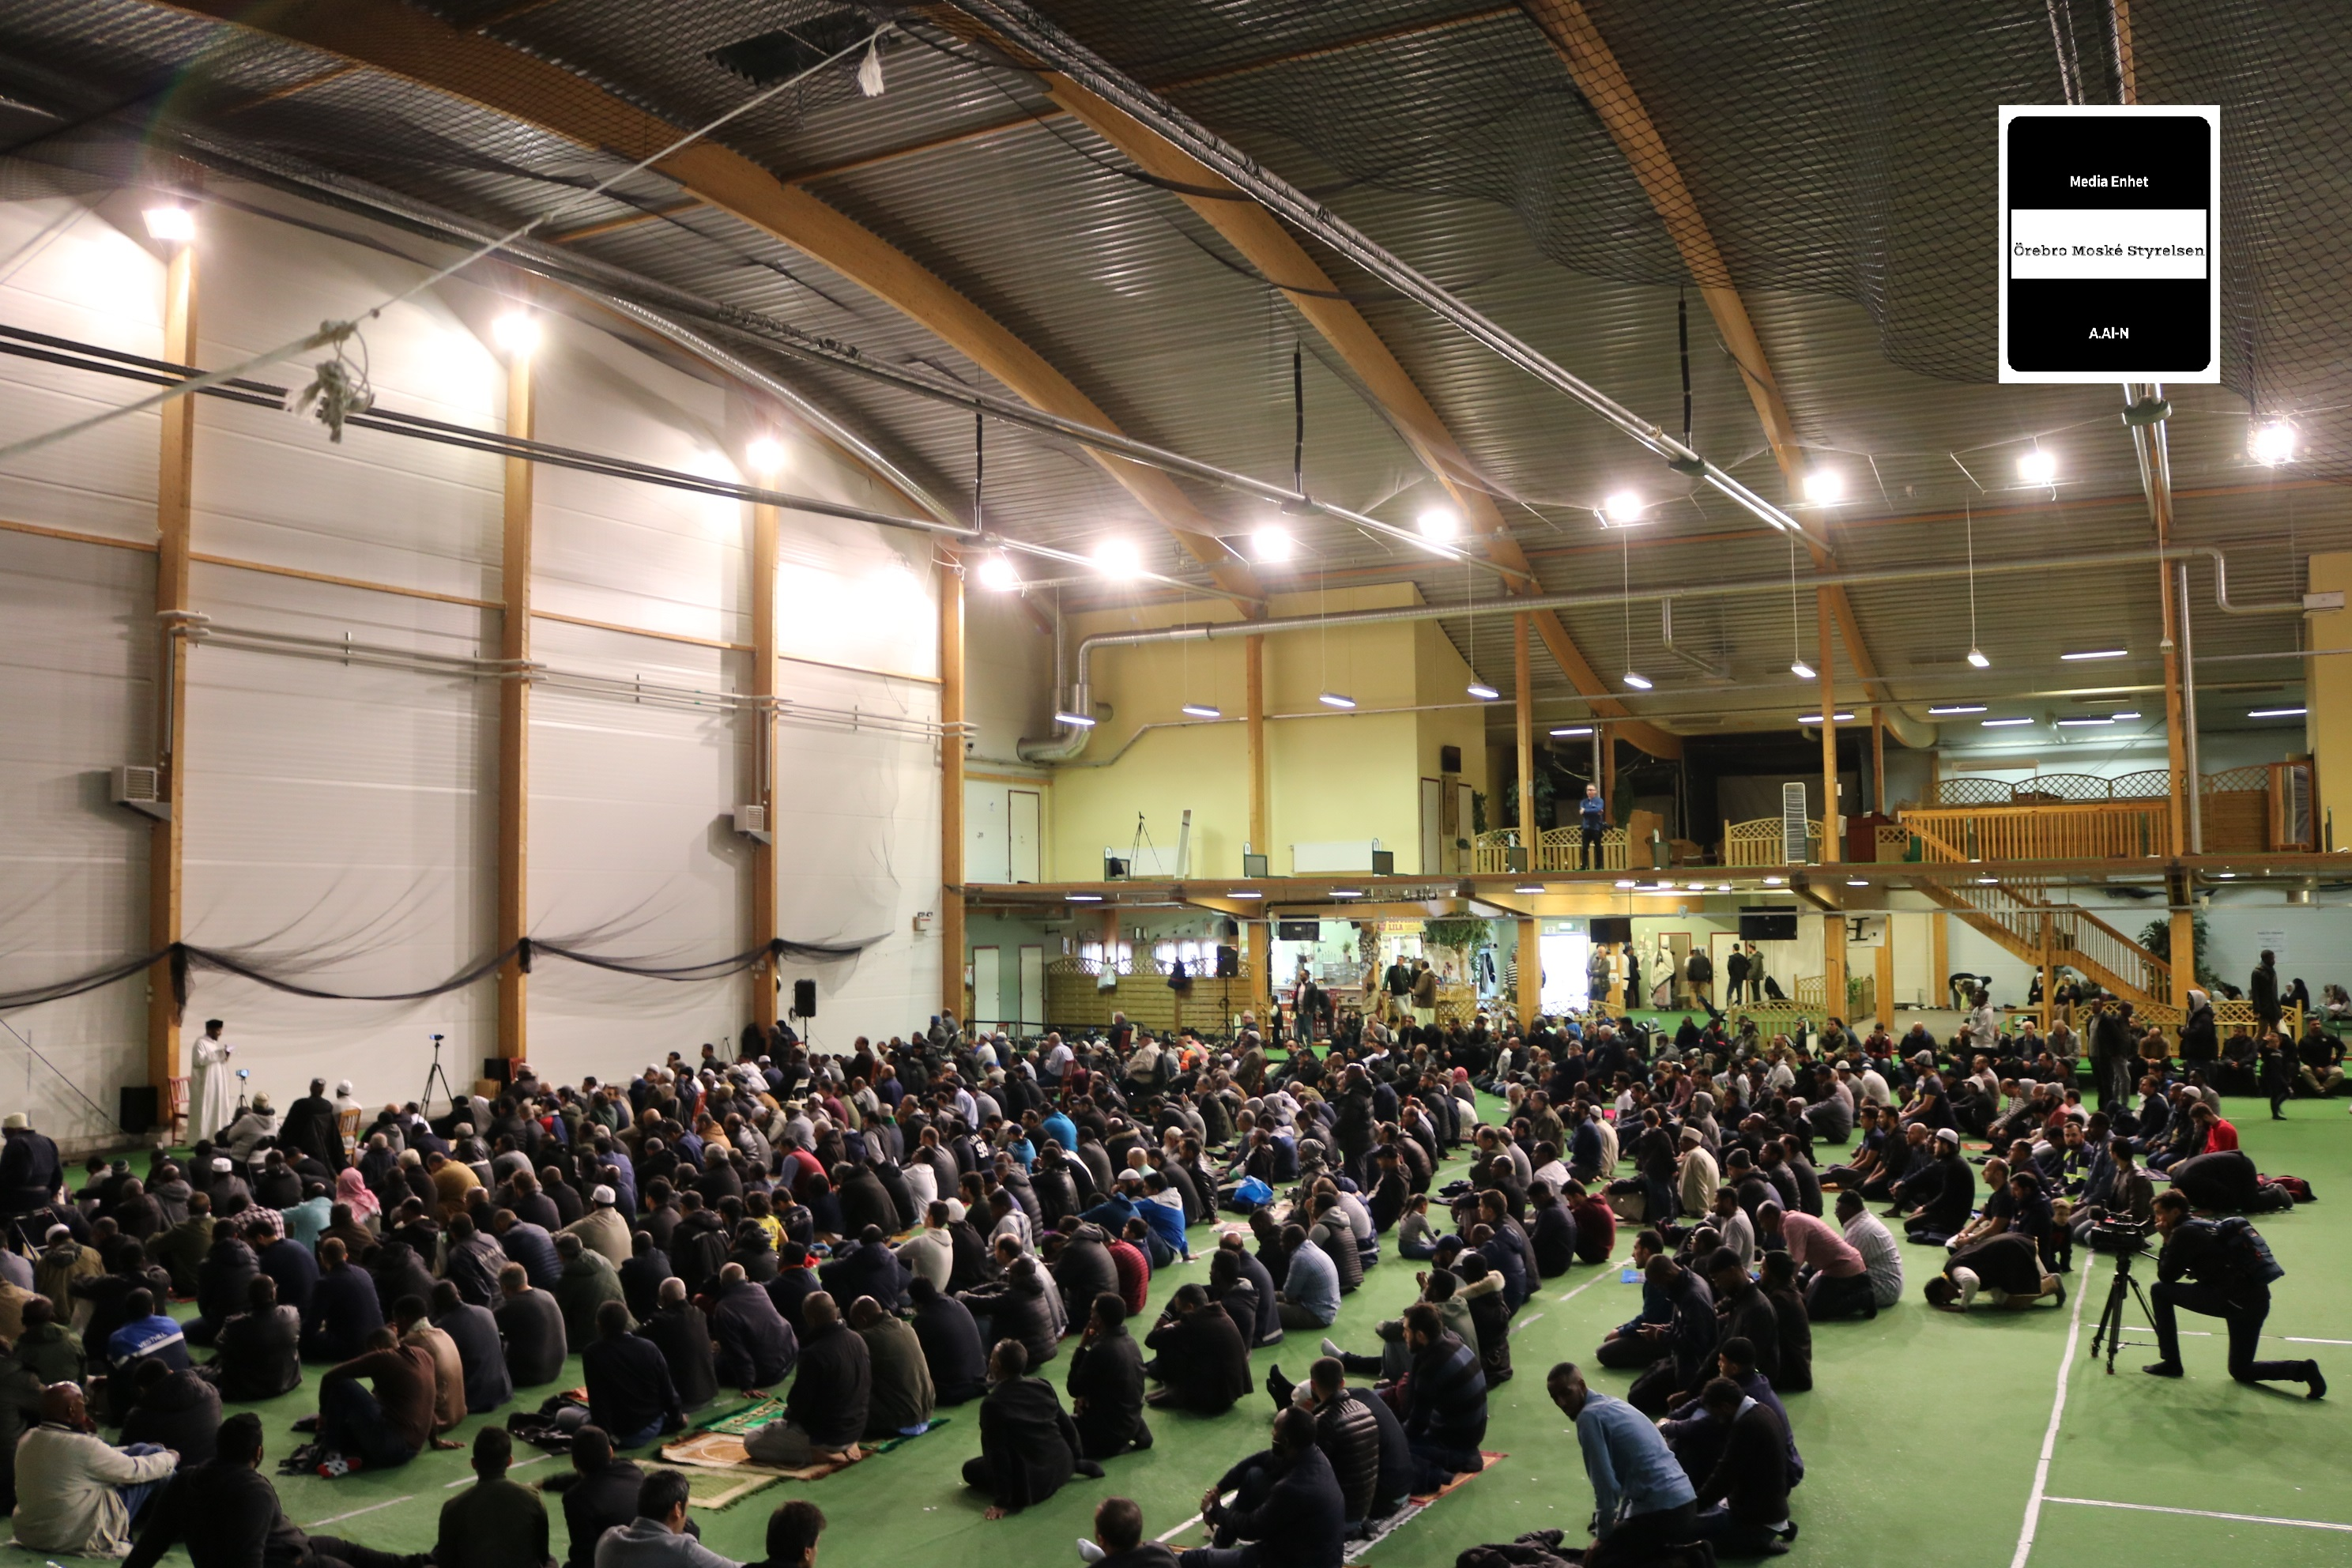 Islam är religionen av fred och kärlek (på Svenska) 29/09/2017 ************************ Shekh Dr. Abdulkarim Al-Ala´am ************************ Friday Prayers - Fredag Bön صلاة الجمعة ***************************** Golfhallen i Örebro